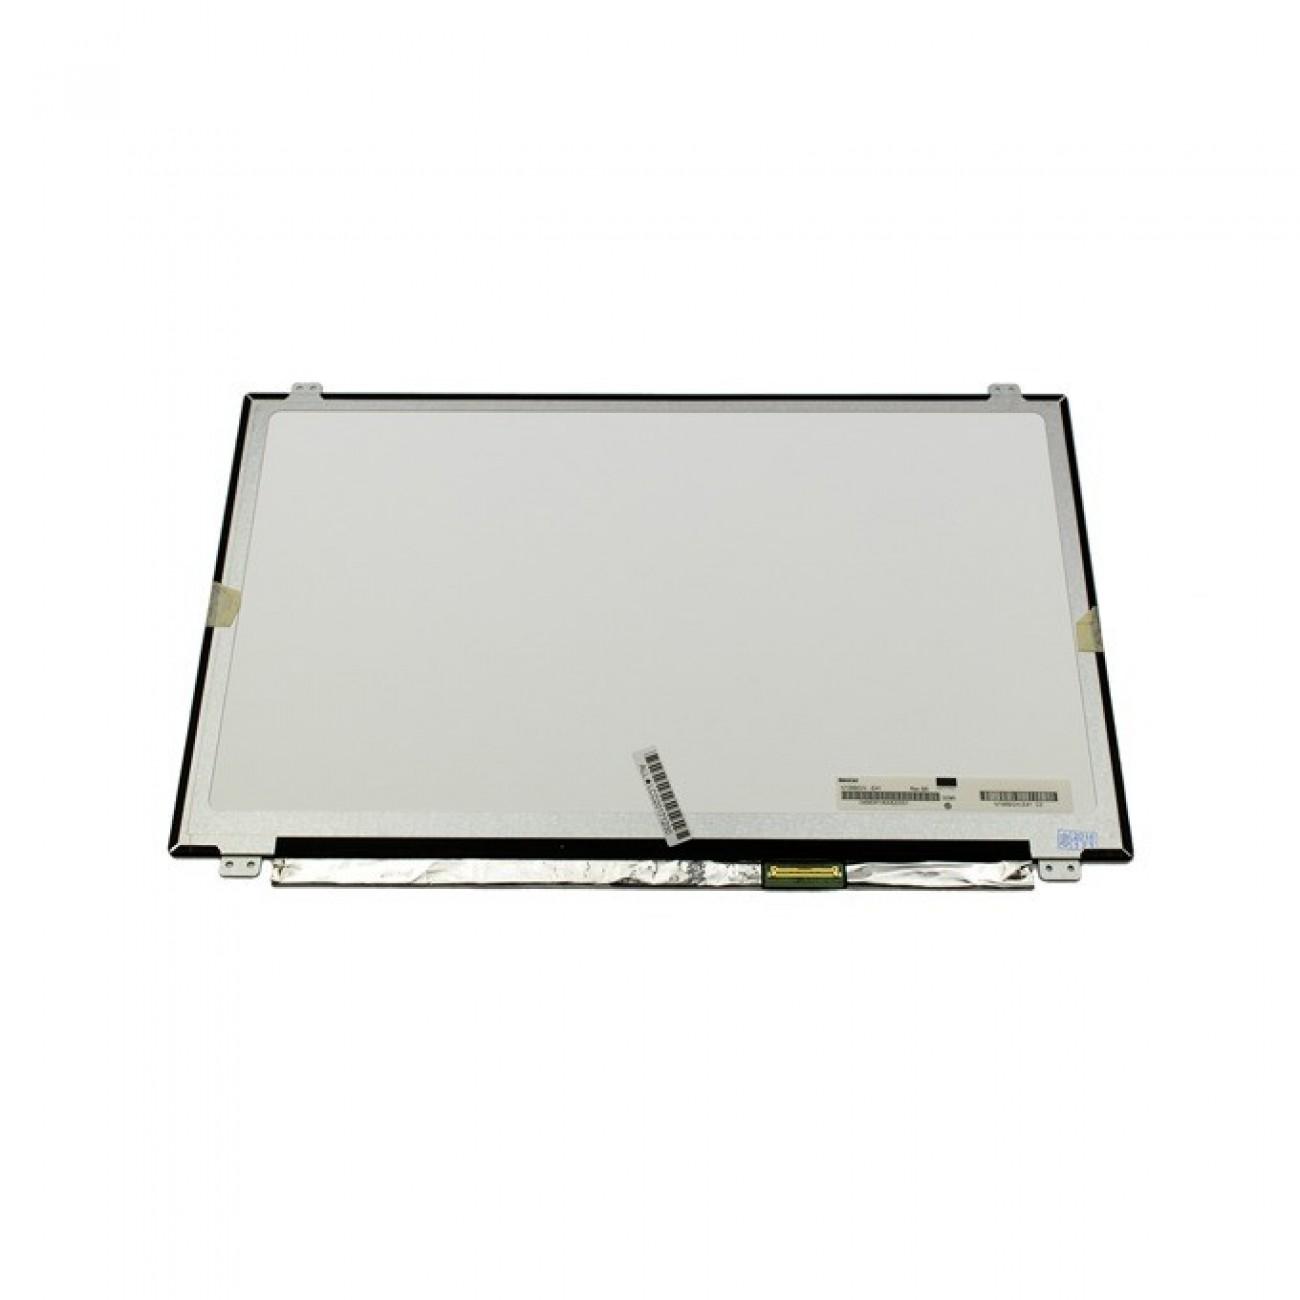 Матрица за лаптоп CMI N156BGN-E41, 15.6 (39.62cm), WXGAP+ 1366:768 pix, гланцова в Резервни части -  | Alleop